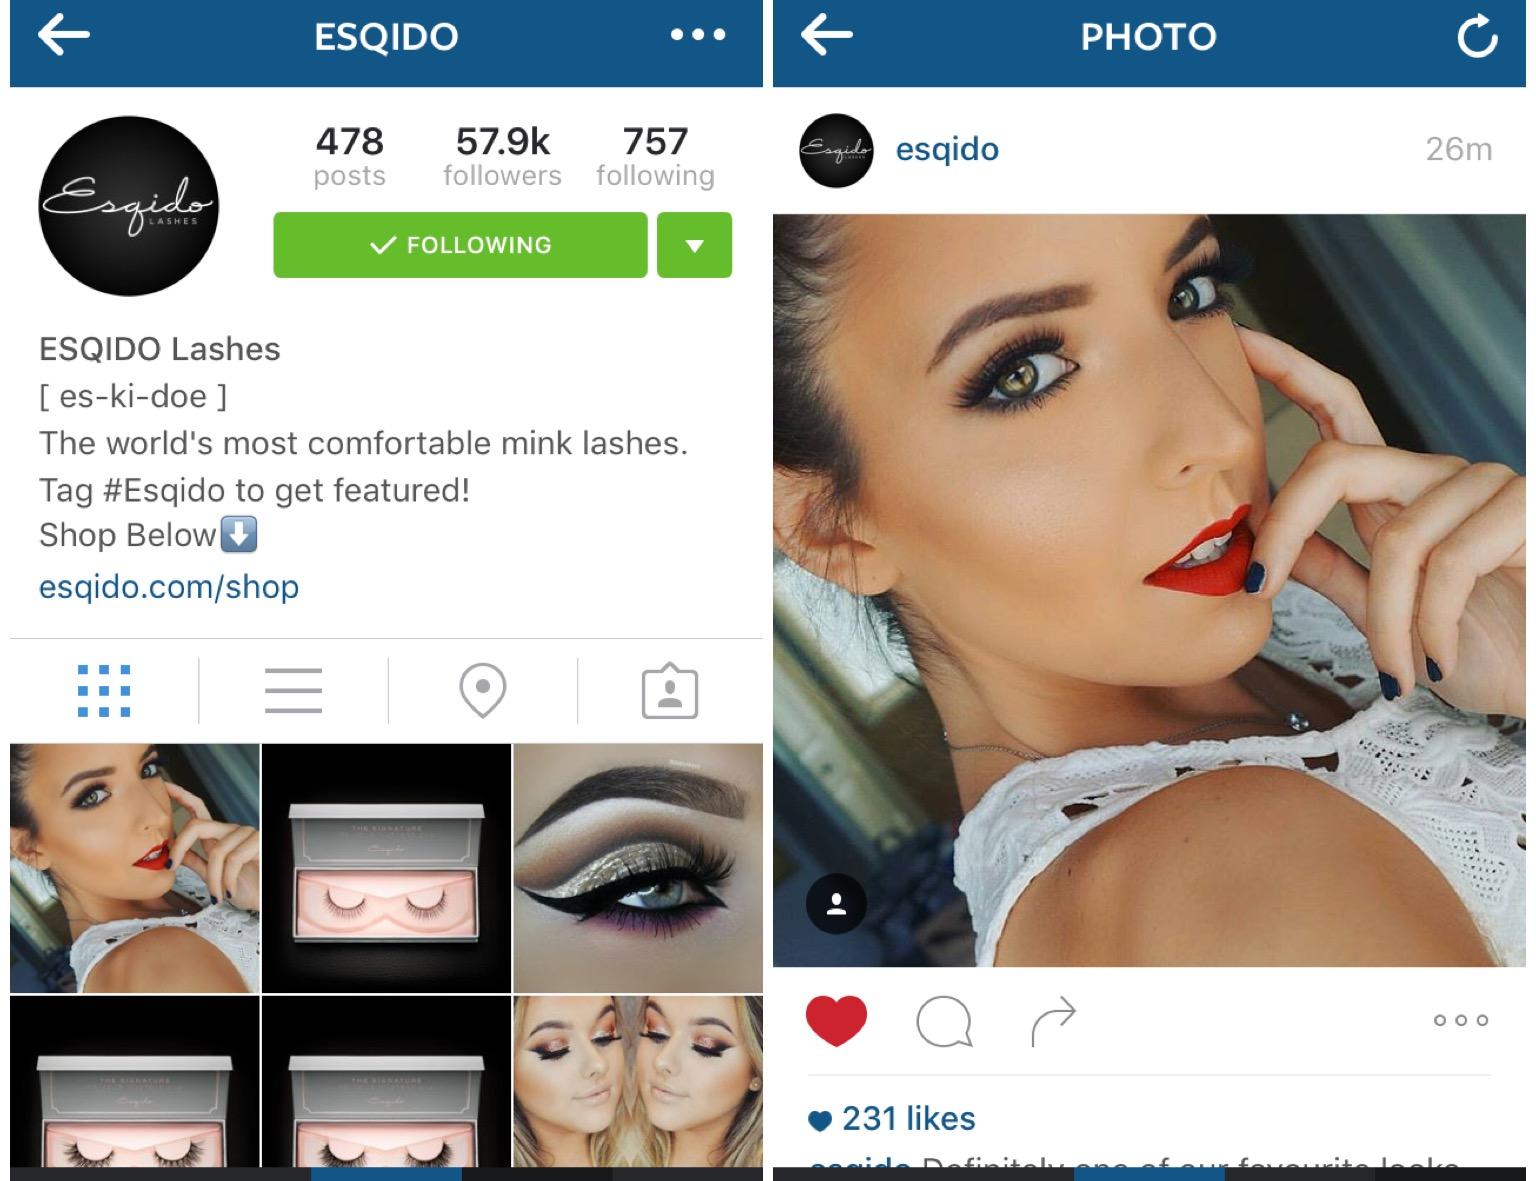 Esqido Lashes Instagram Feature